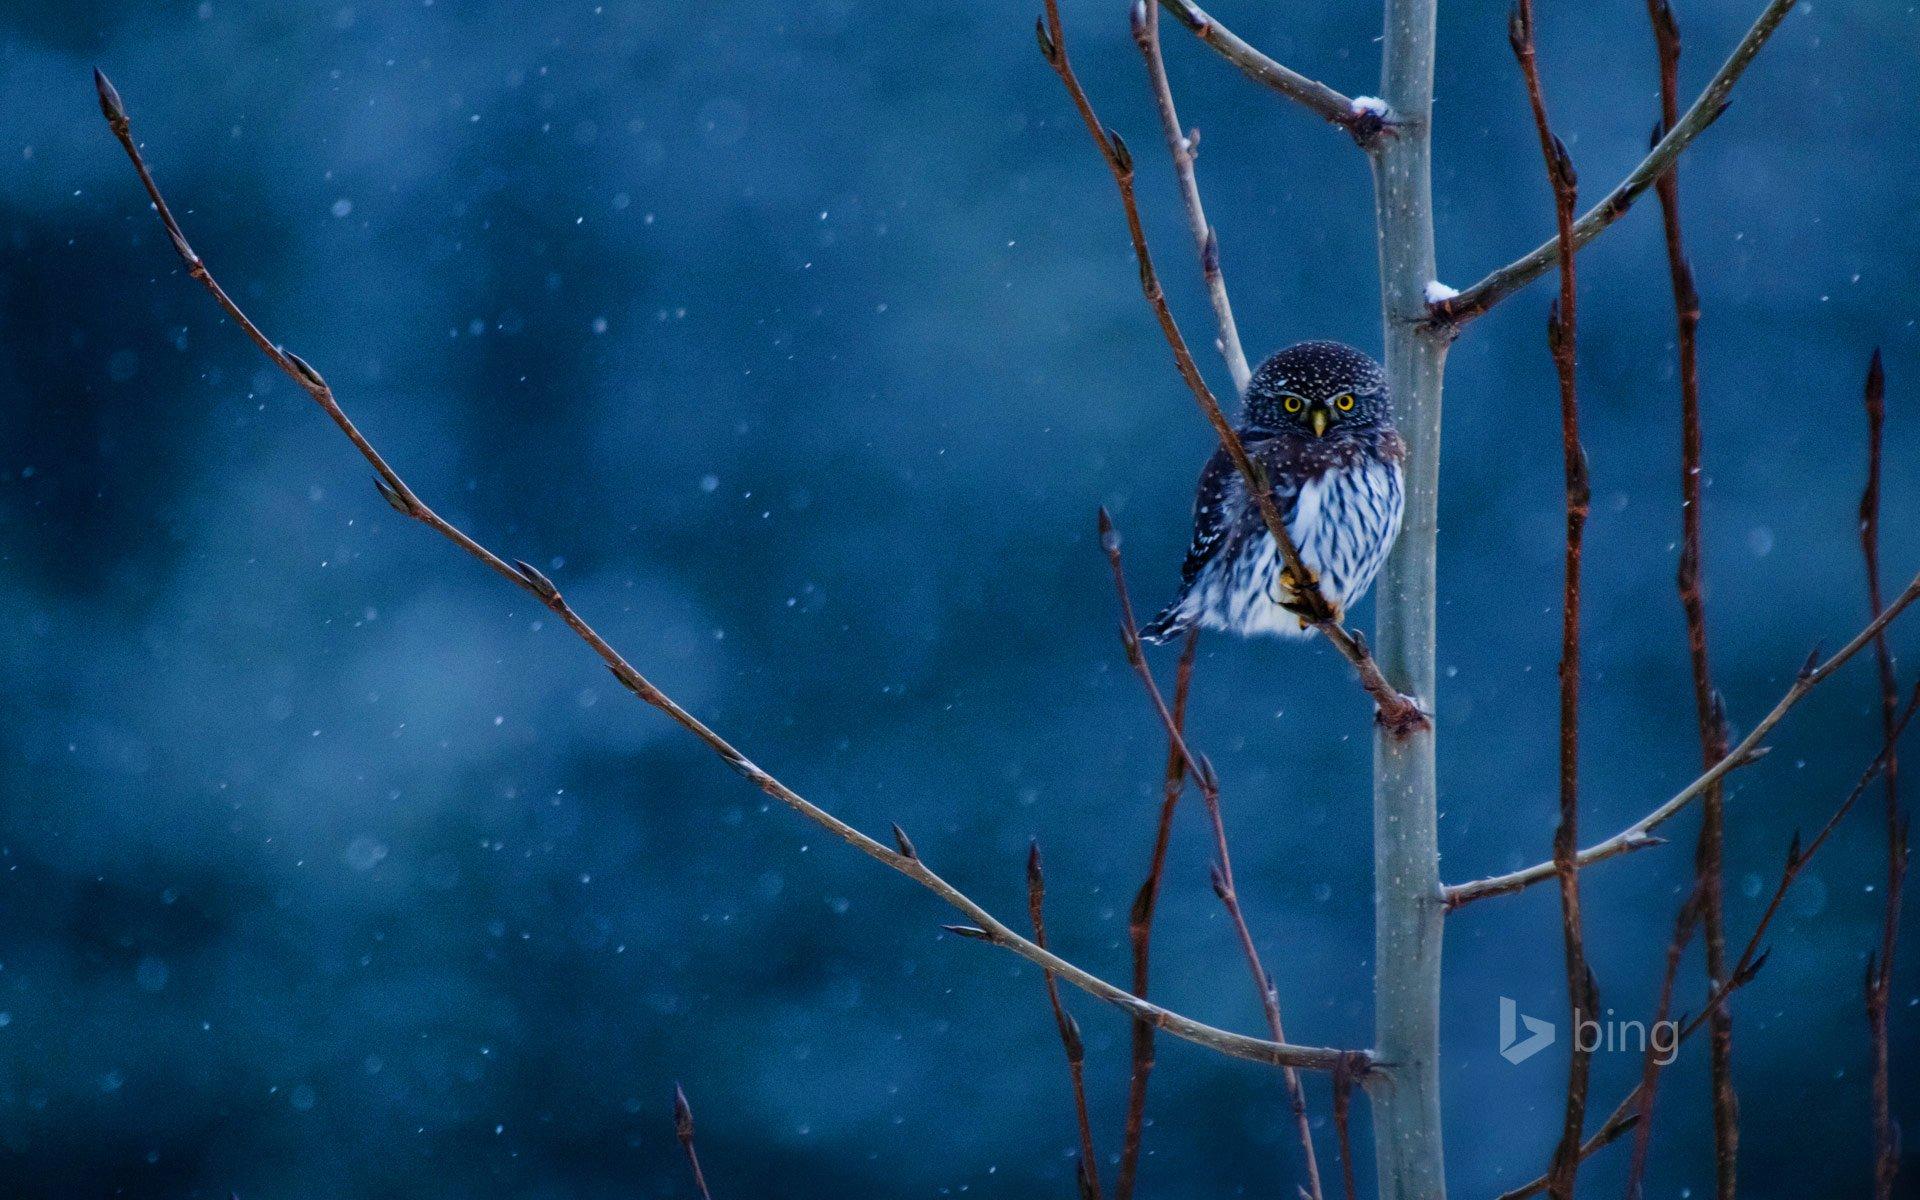 Animal - Owl  Winter Branch Night Blue Snowfall Wallpaper